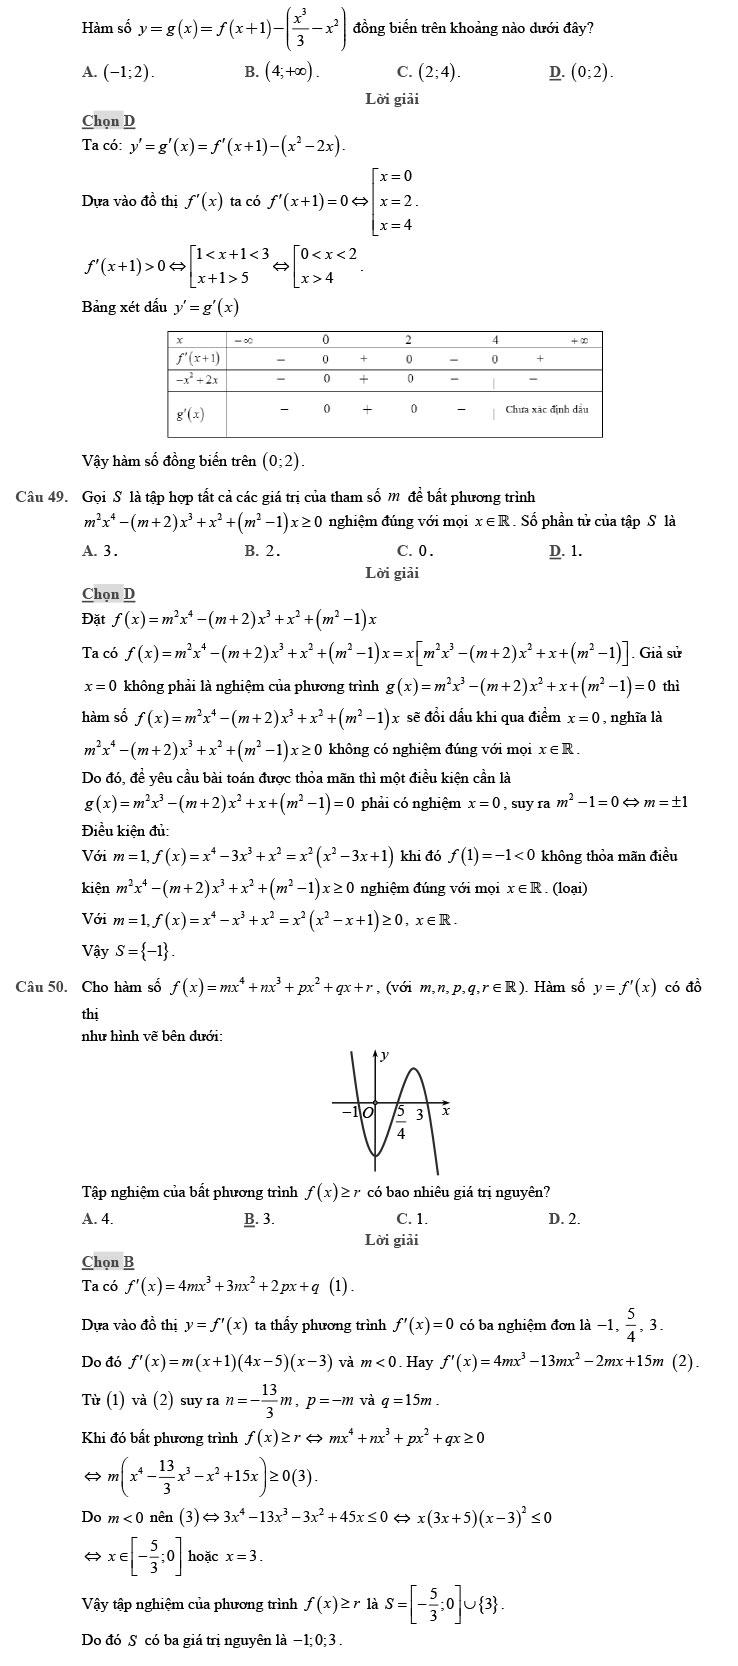 giải đề thi thử THPT Quốc gia môn Toán 2020 theo đề minh họa số 9 trang 17